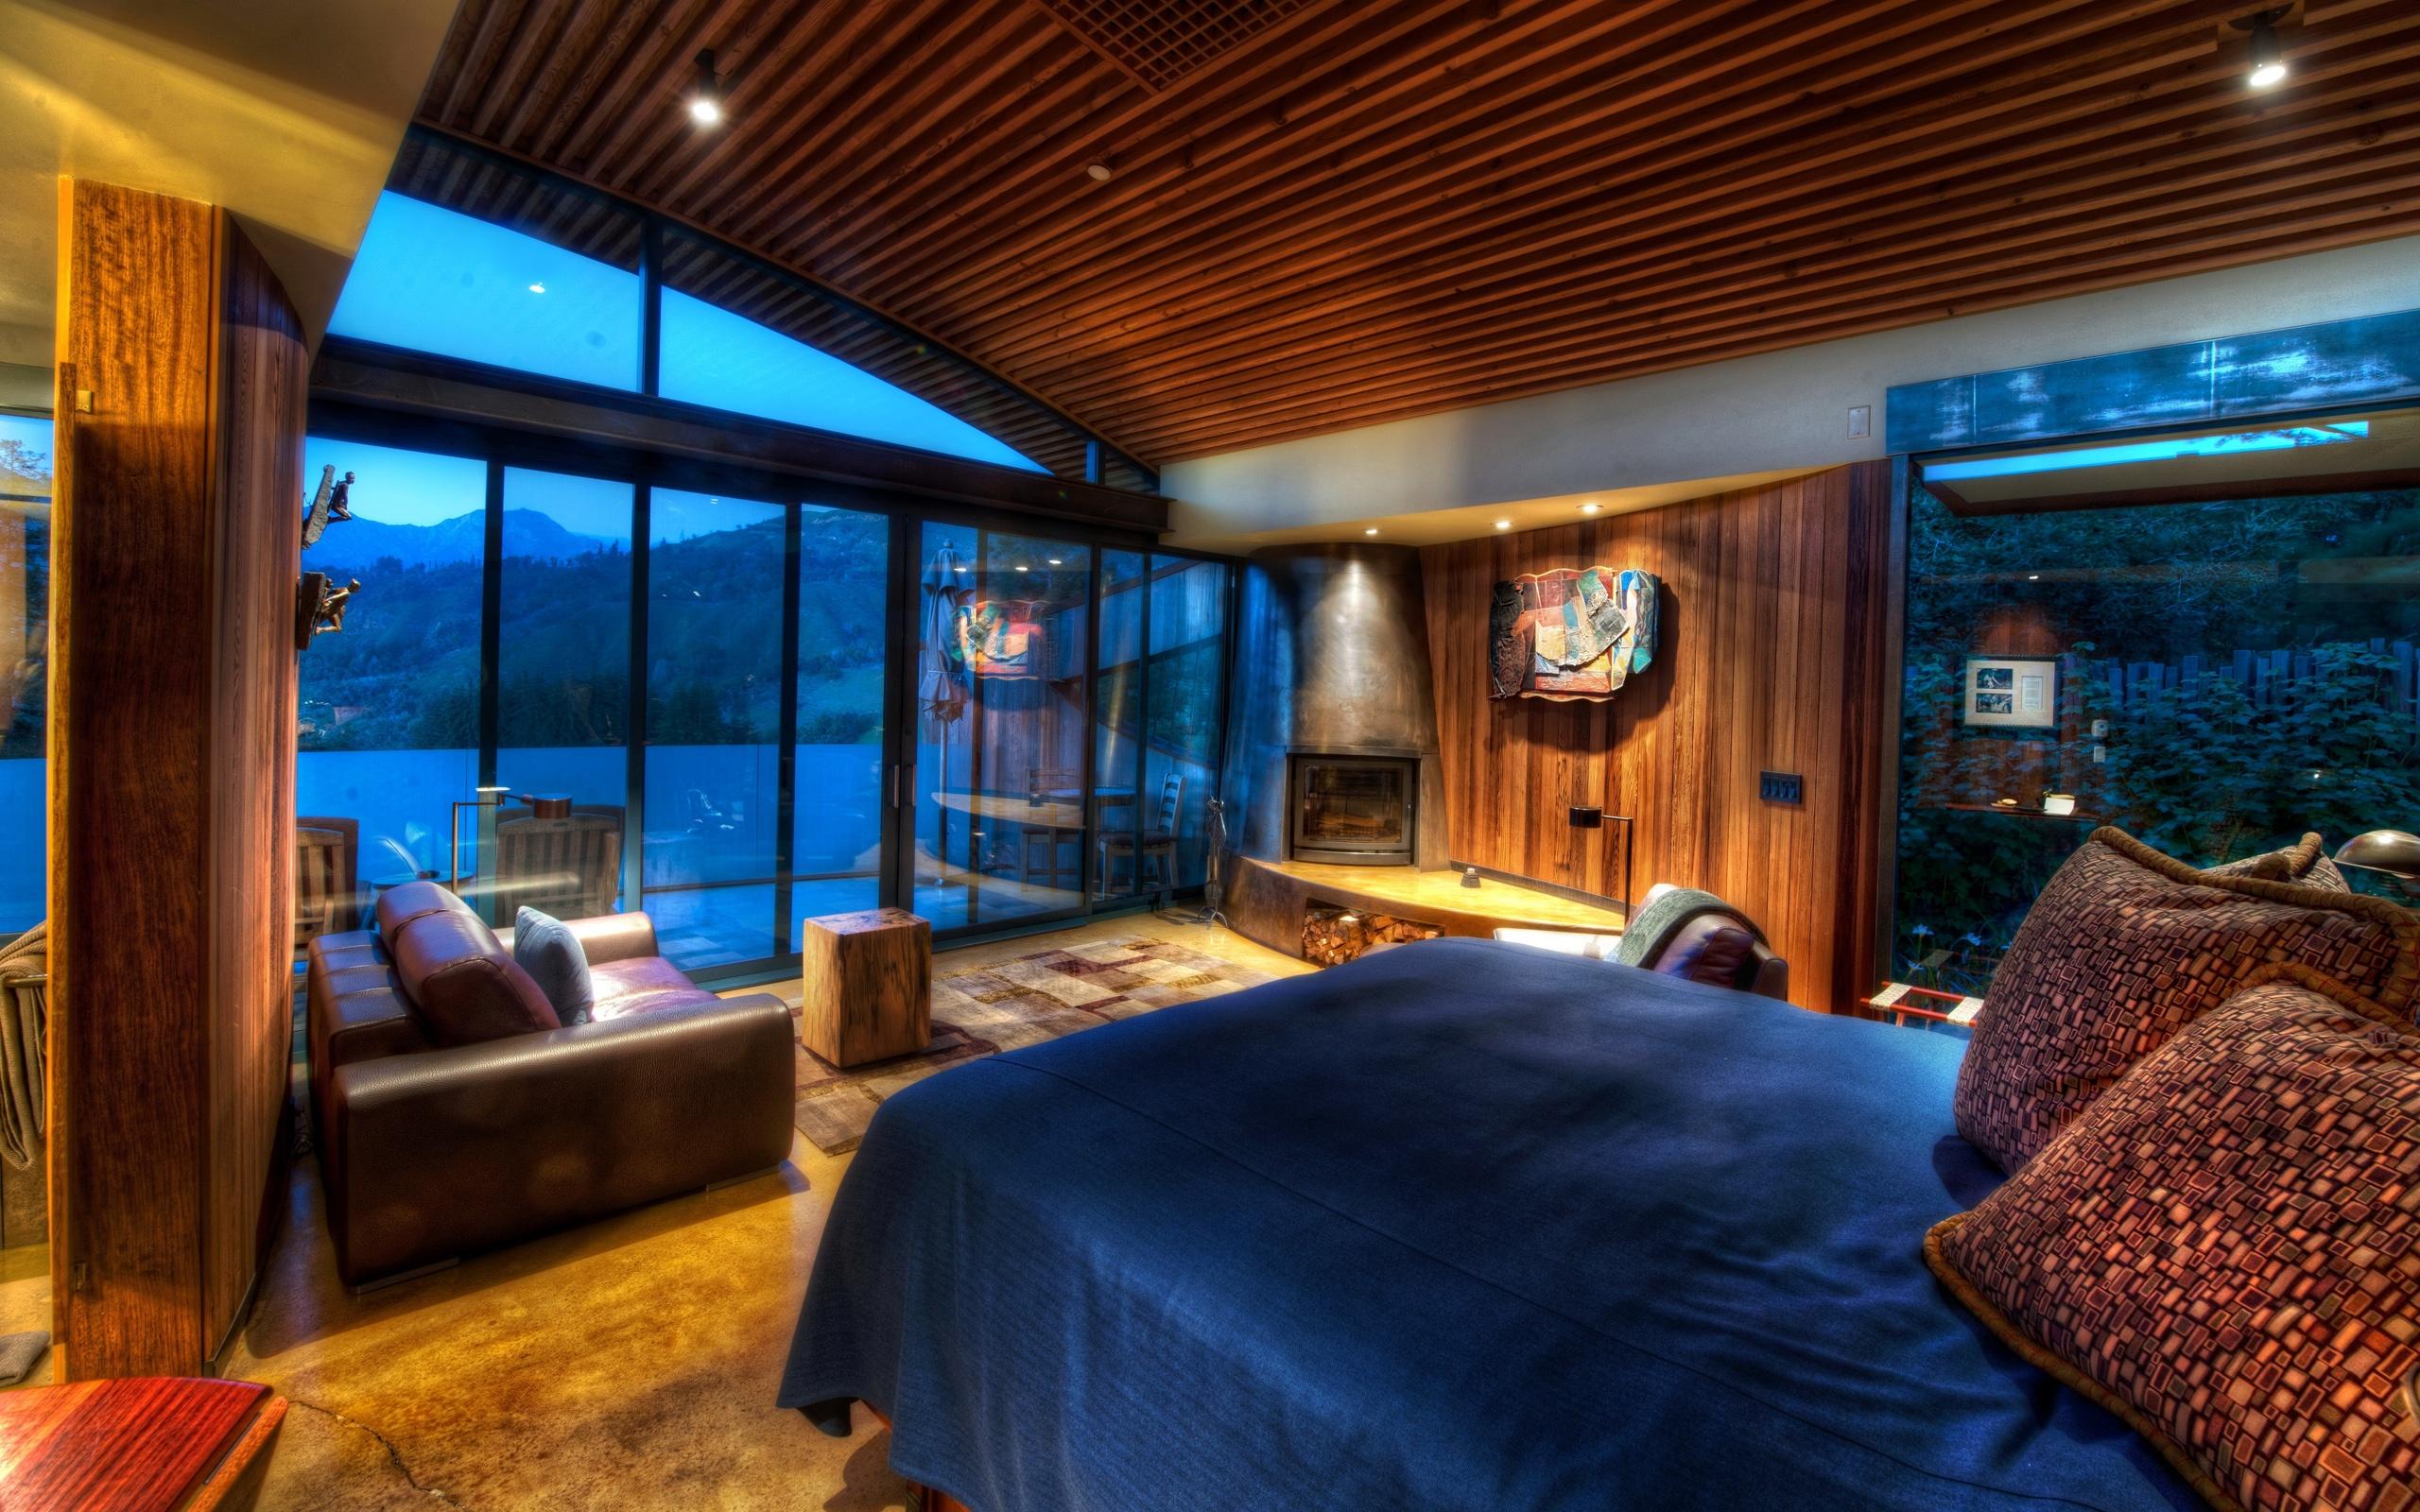 #0293C9 Design de casa quarto cama sofá paredes de madeira janelas  626 Janelas Madeira Quarto